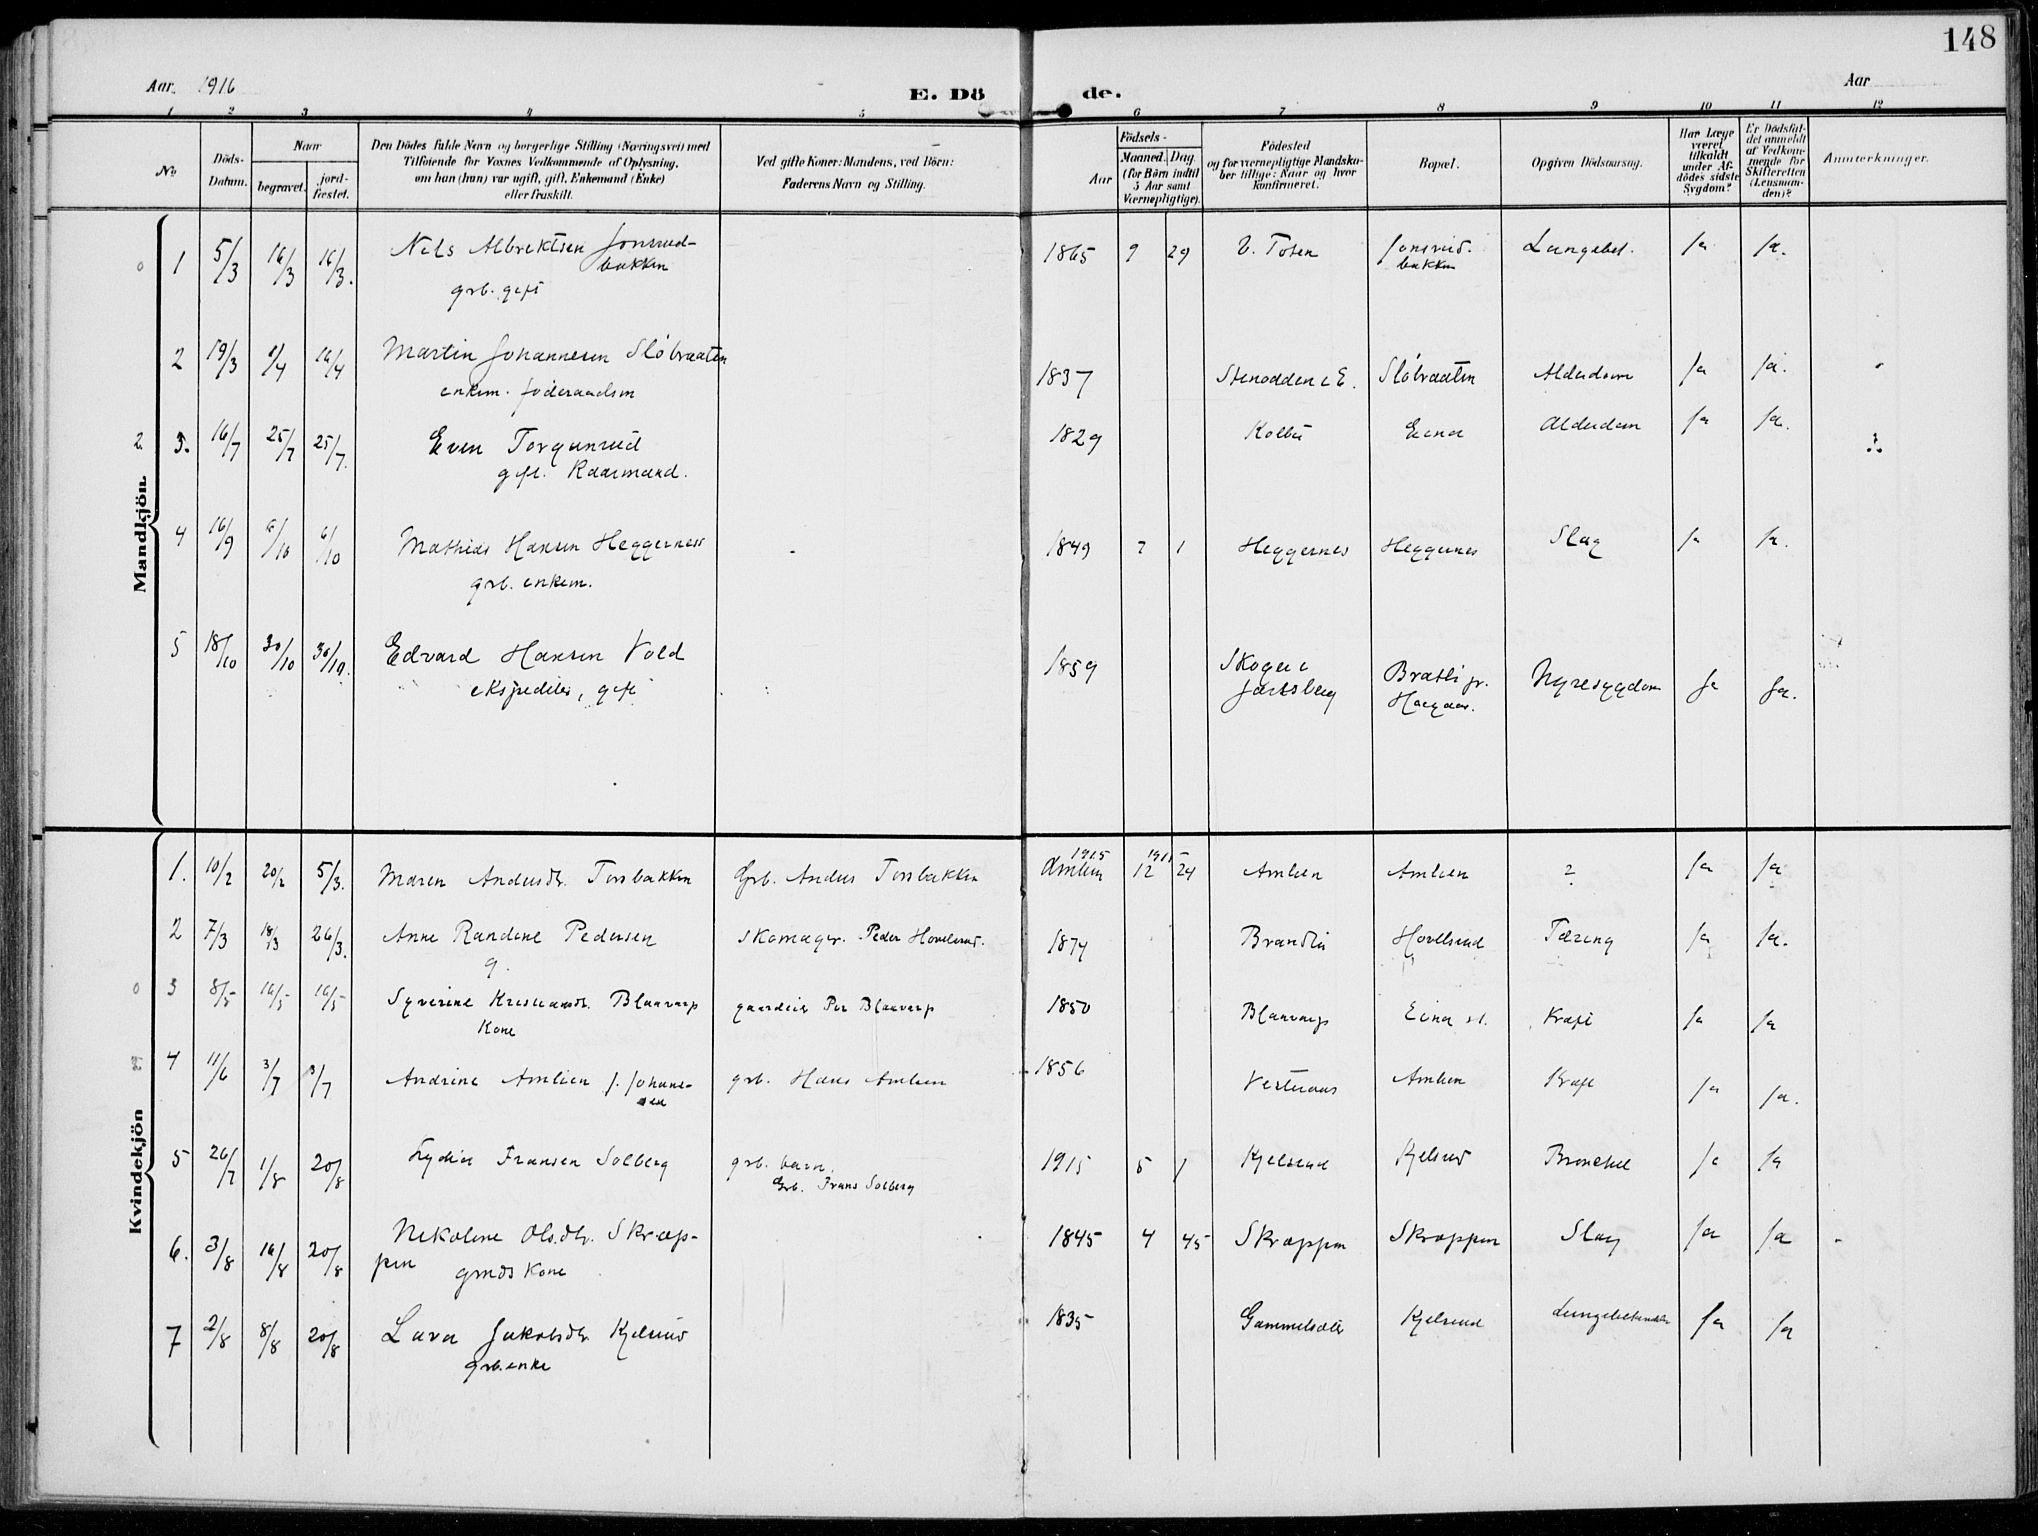 SAH, Kolbu prestekontor, Ministerialbok nr. 1, 1907-1923, s. 148